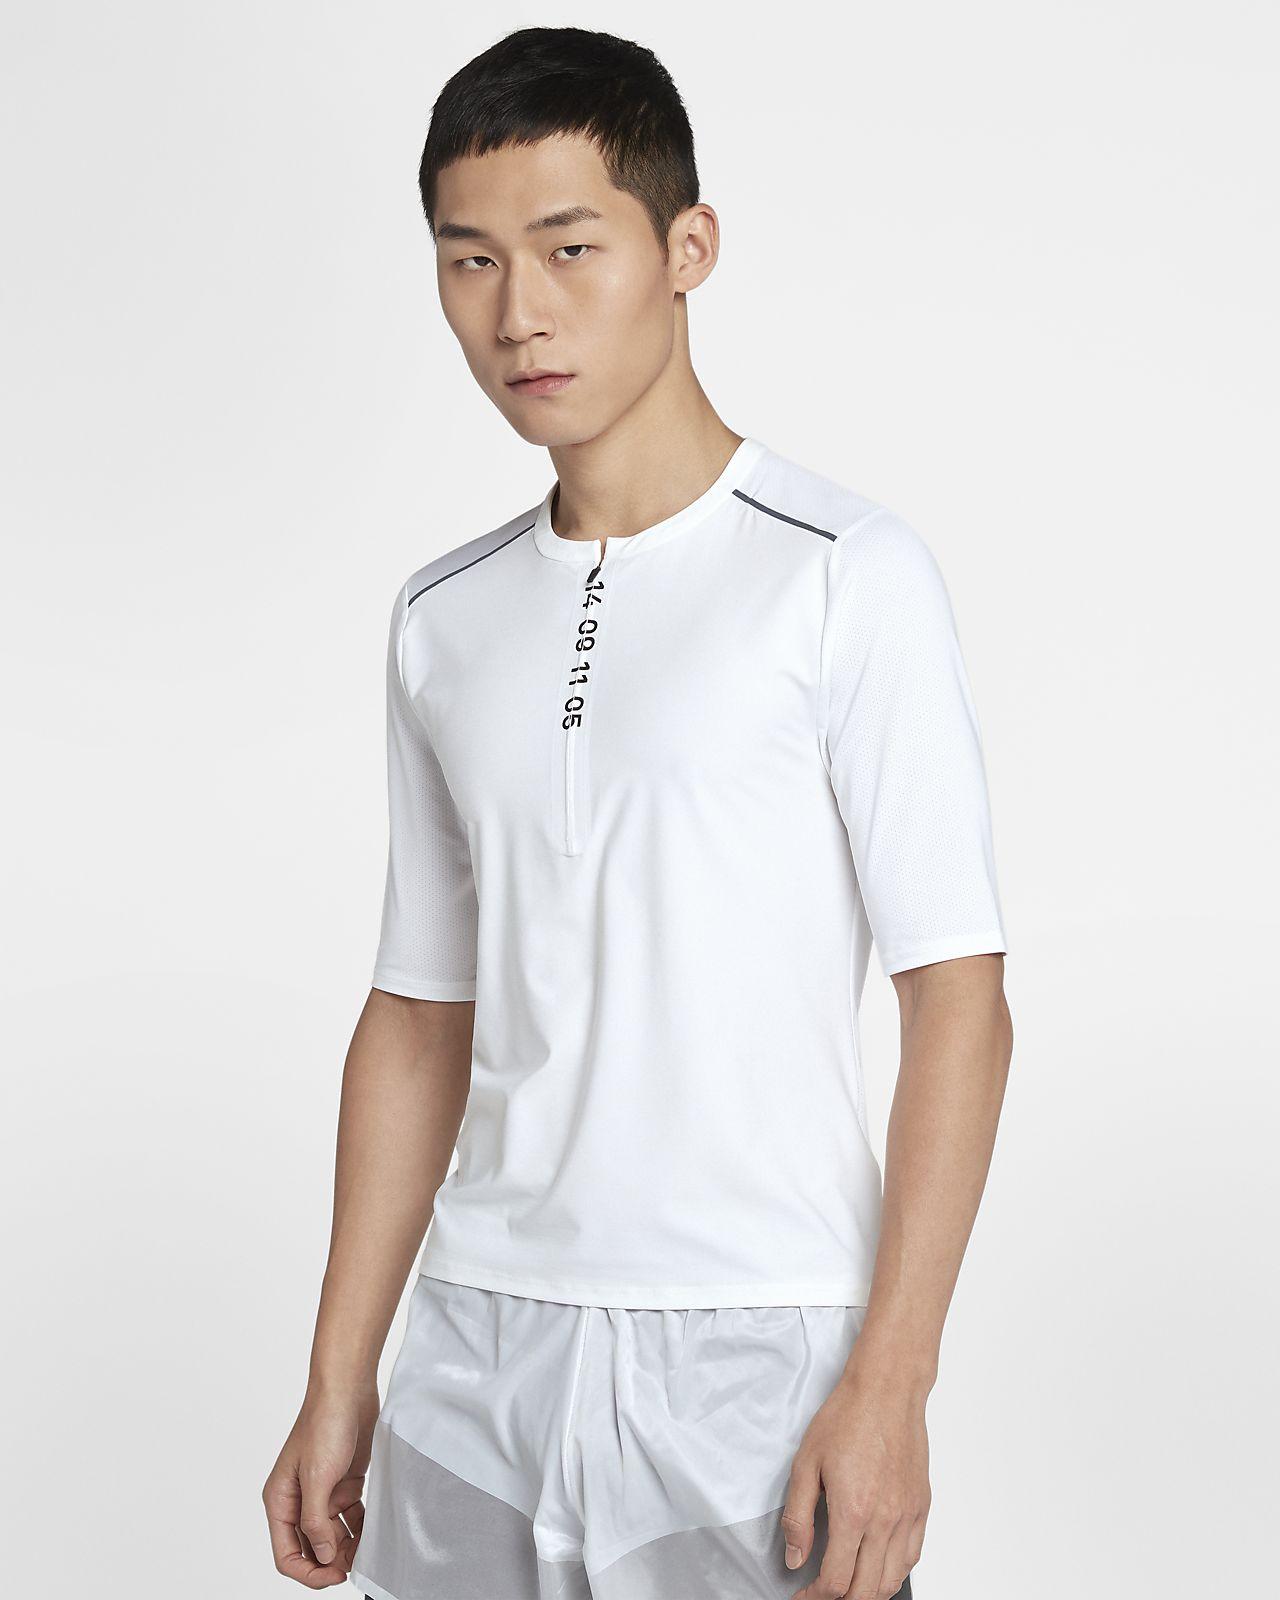 Nike Tech 男款半長式拉鍊短袖跑步上衣